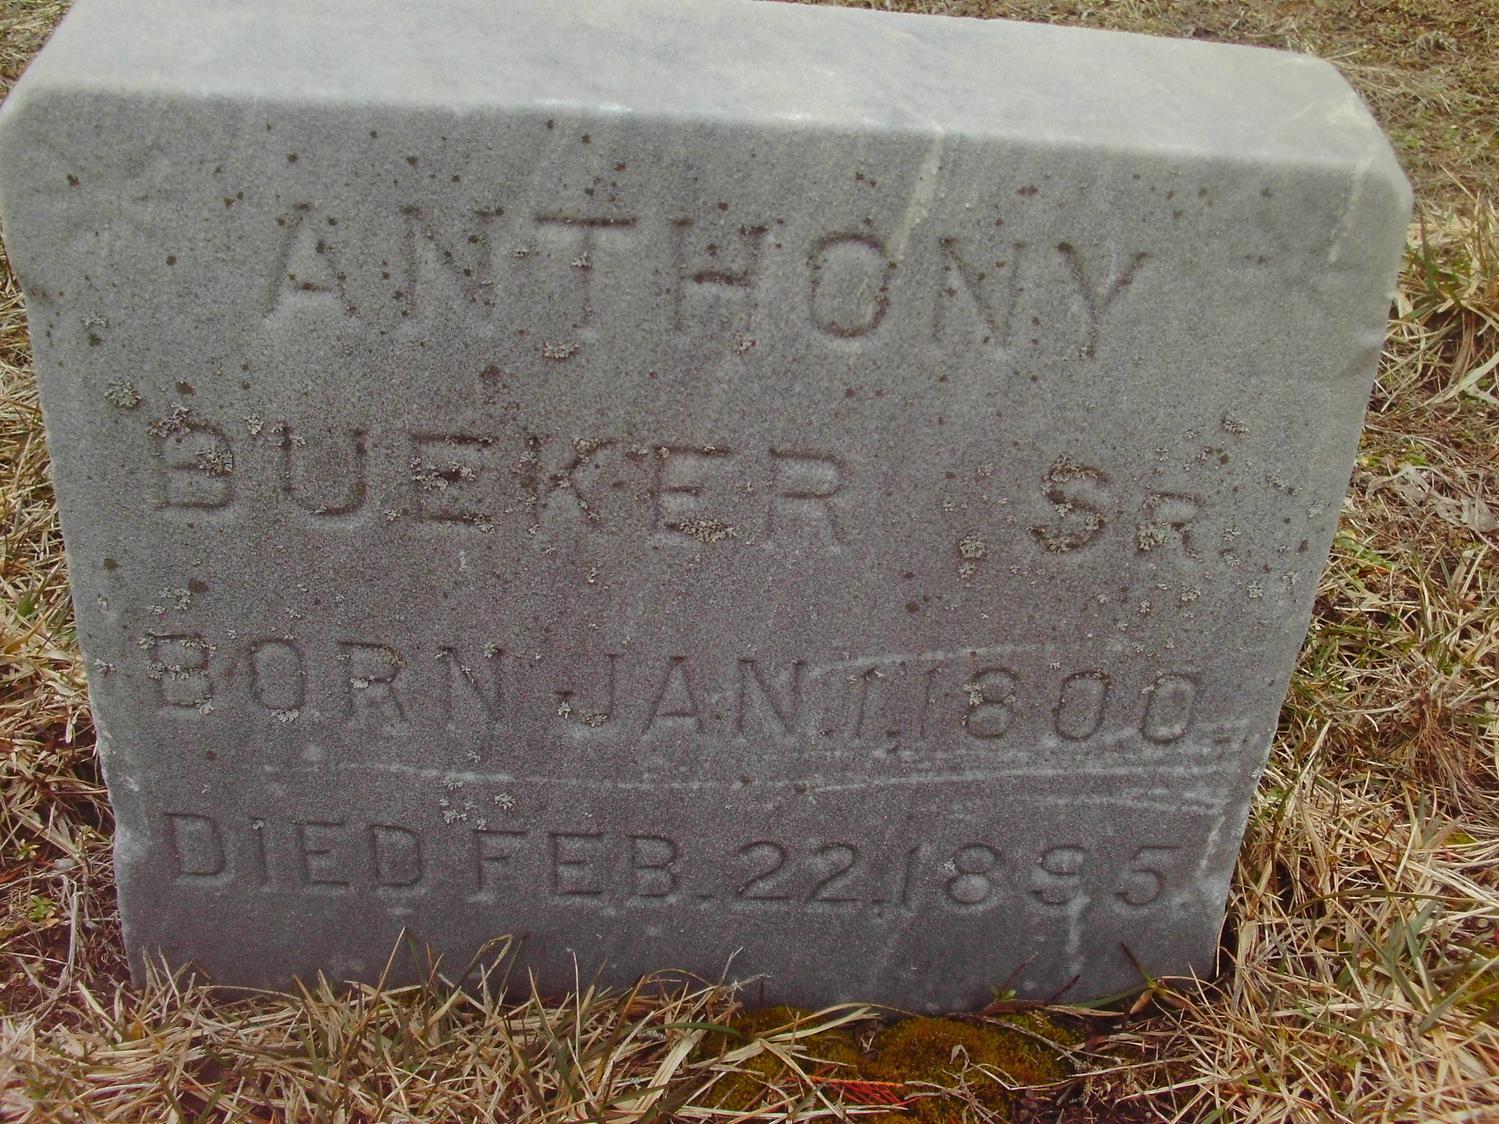 Anthony Bueker, Sr